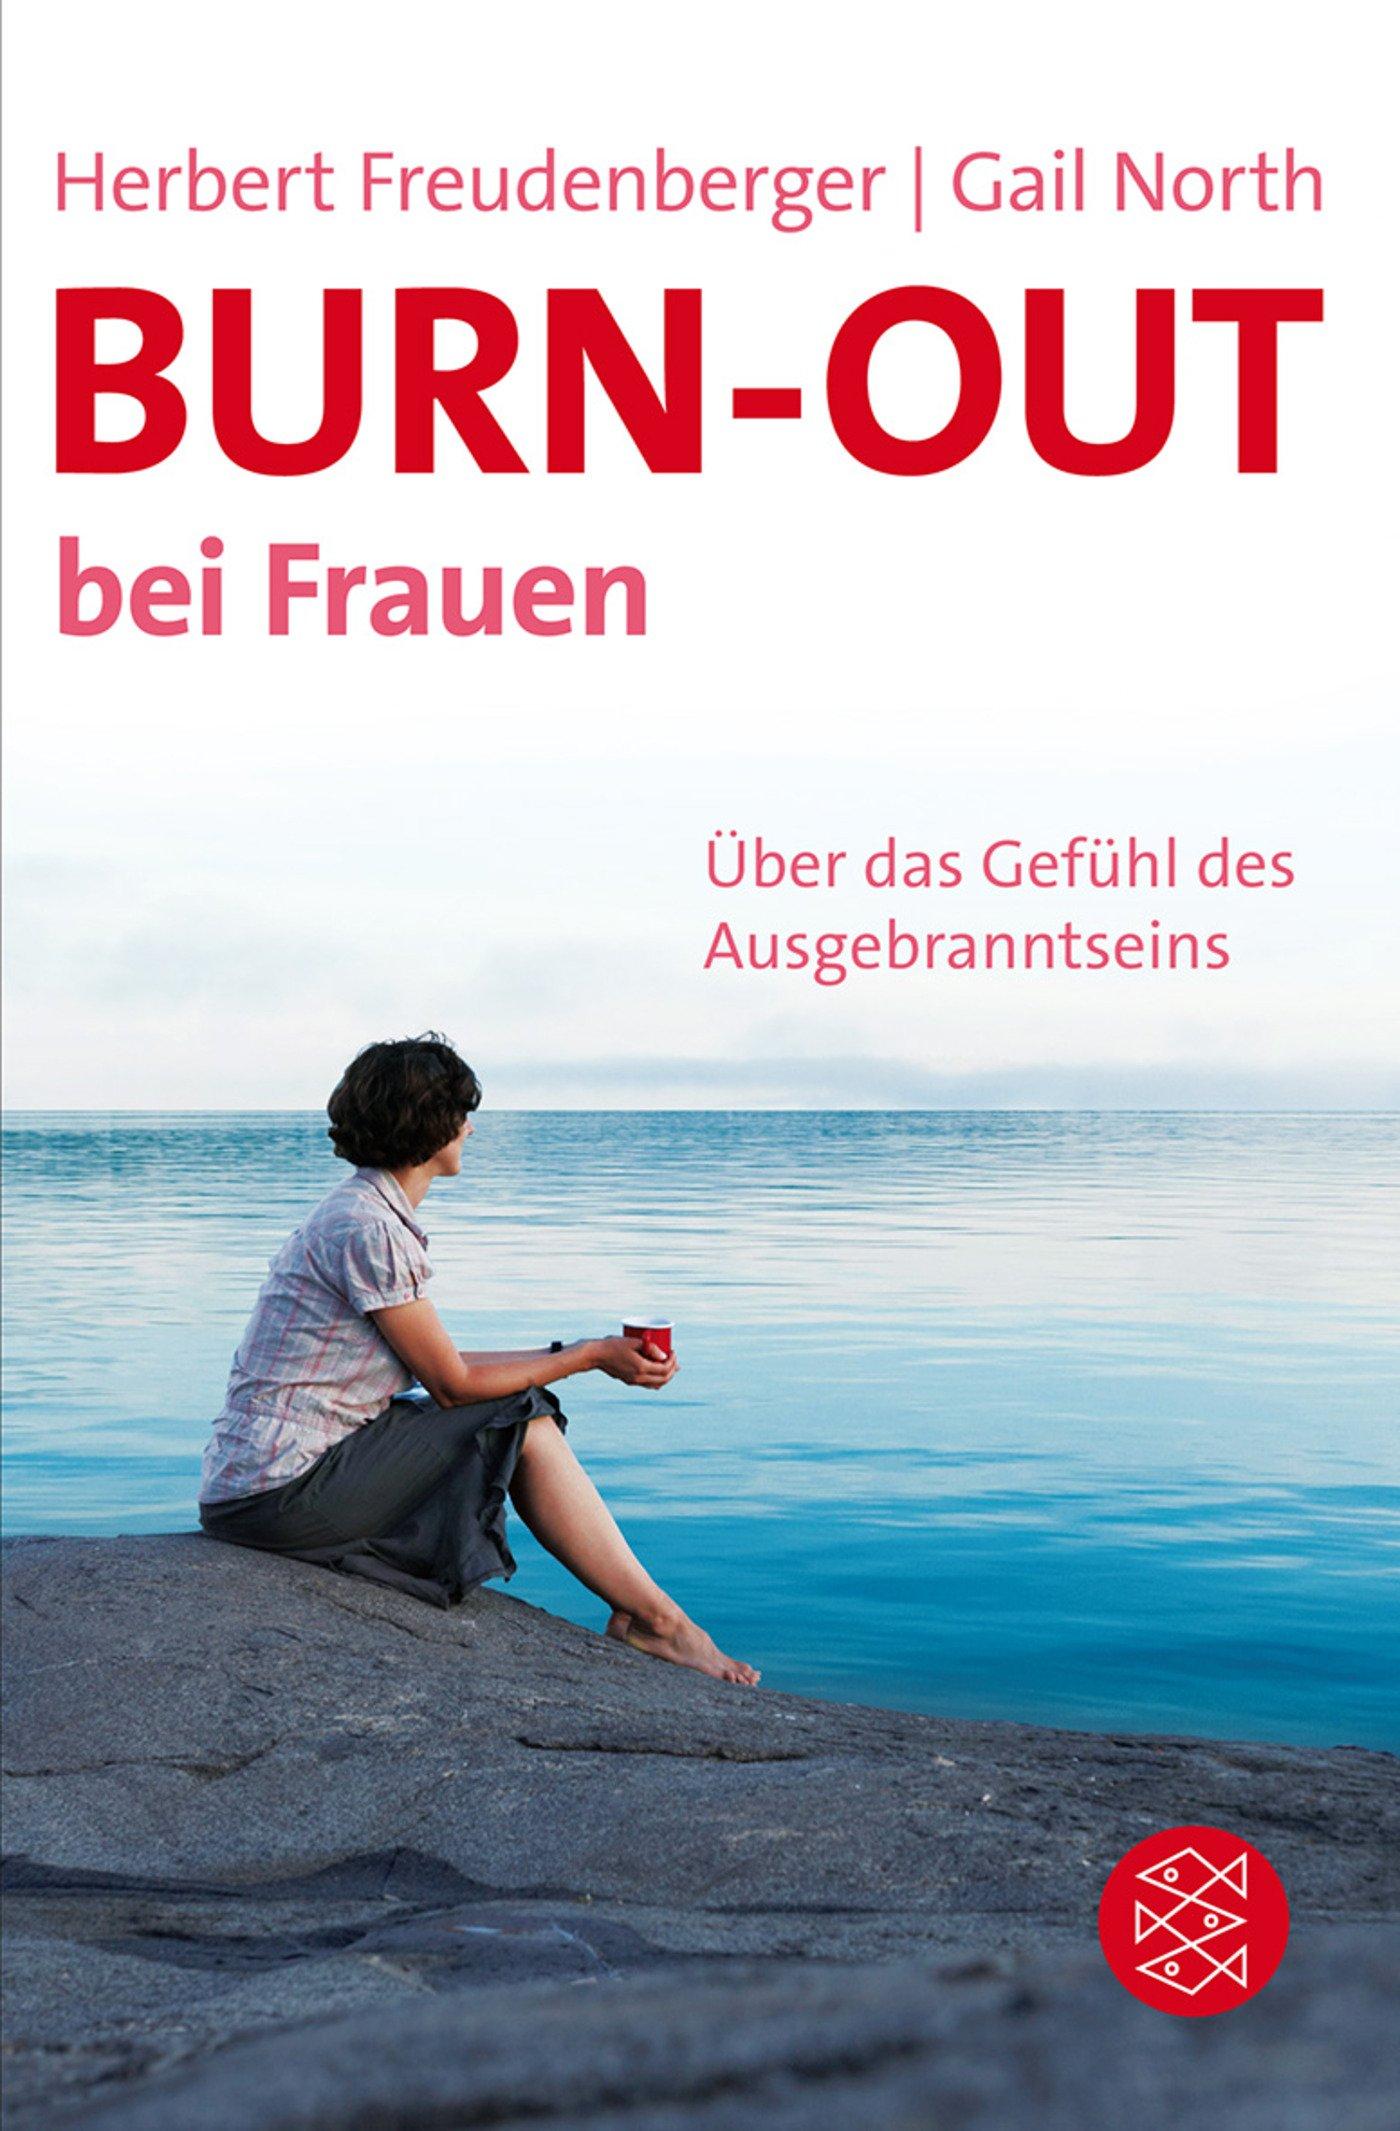 Burn-out bei Frauen: Über das Gefühl des Ausgebranntseins